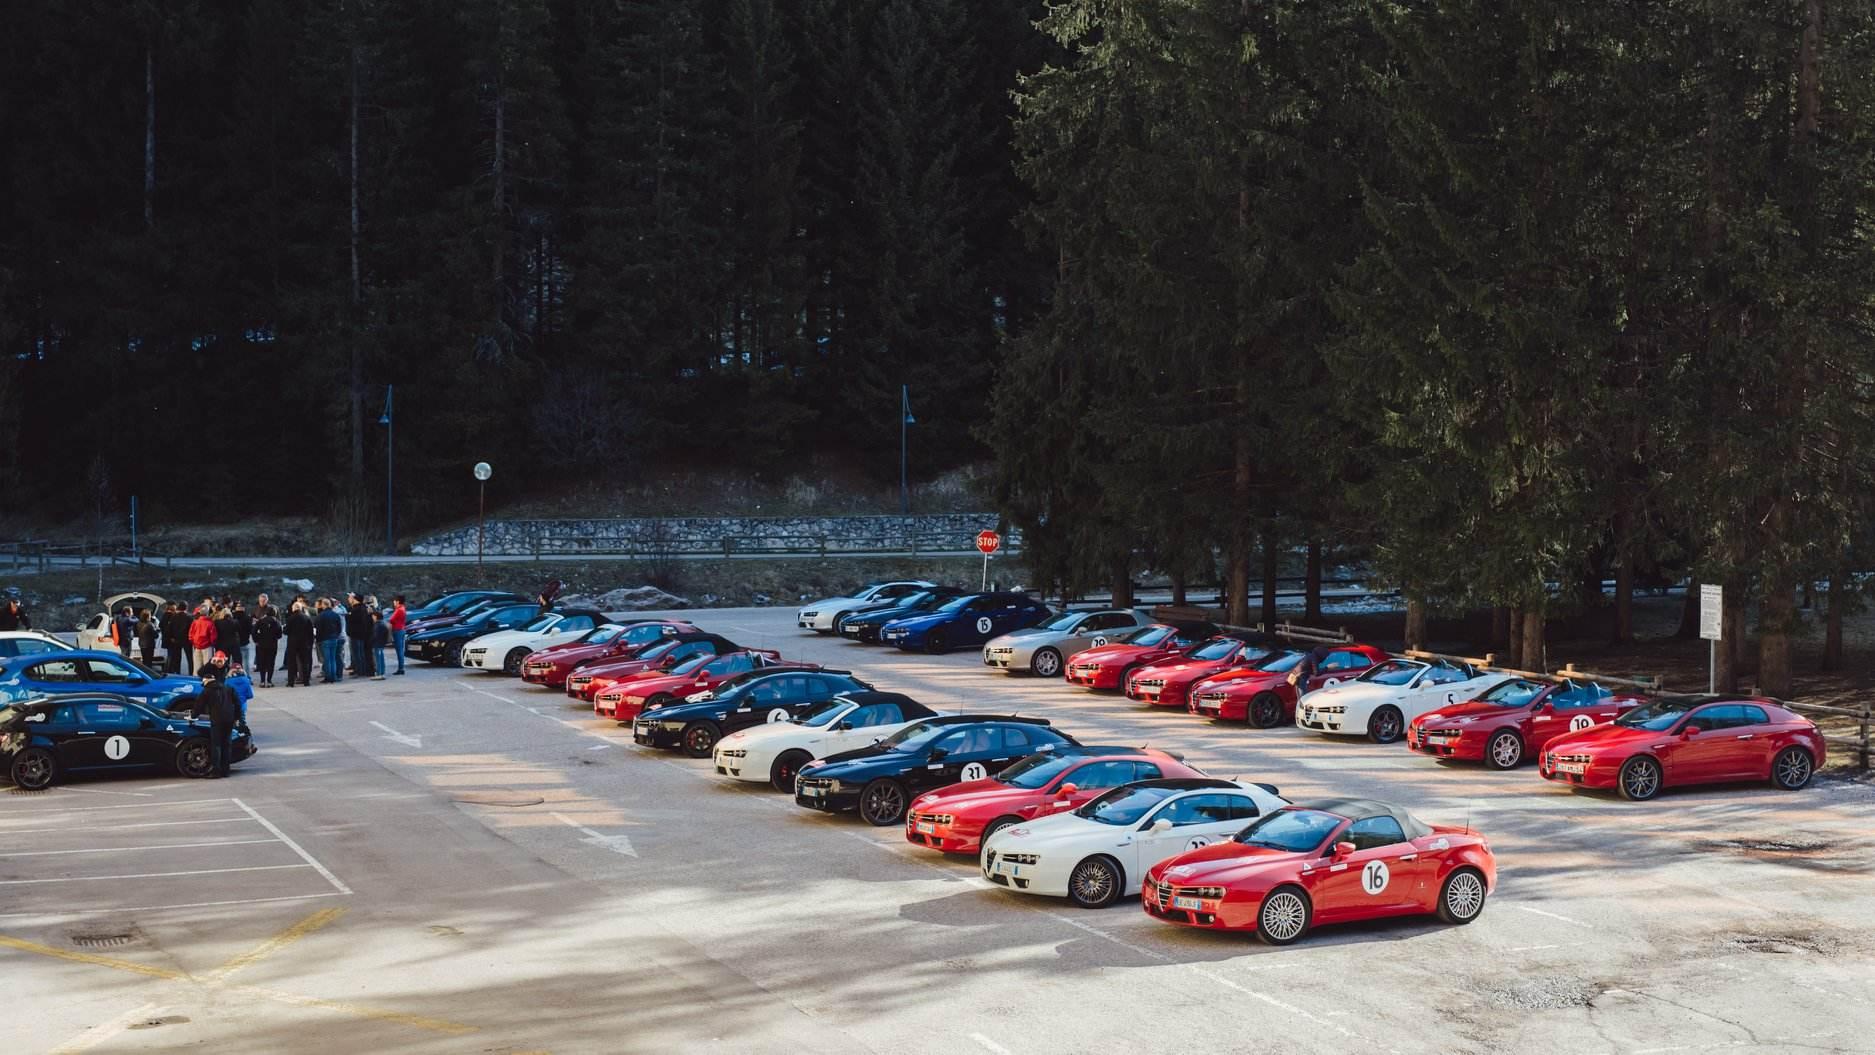 foto Alfa Romeo Spider - 3.2 V6 jts 260cv - Q4 - Bianco Ghiaccio - 2010 - RA - 1